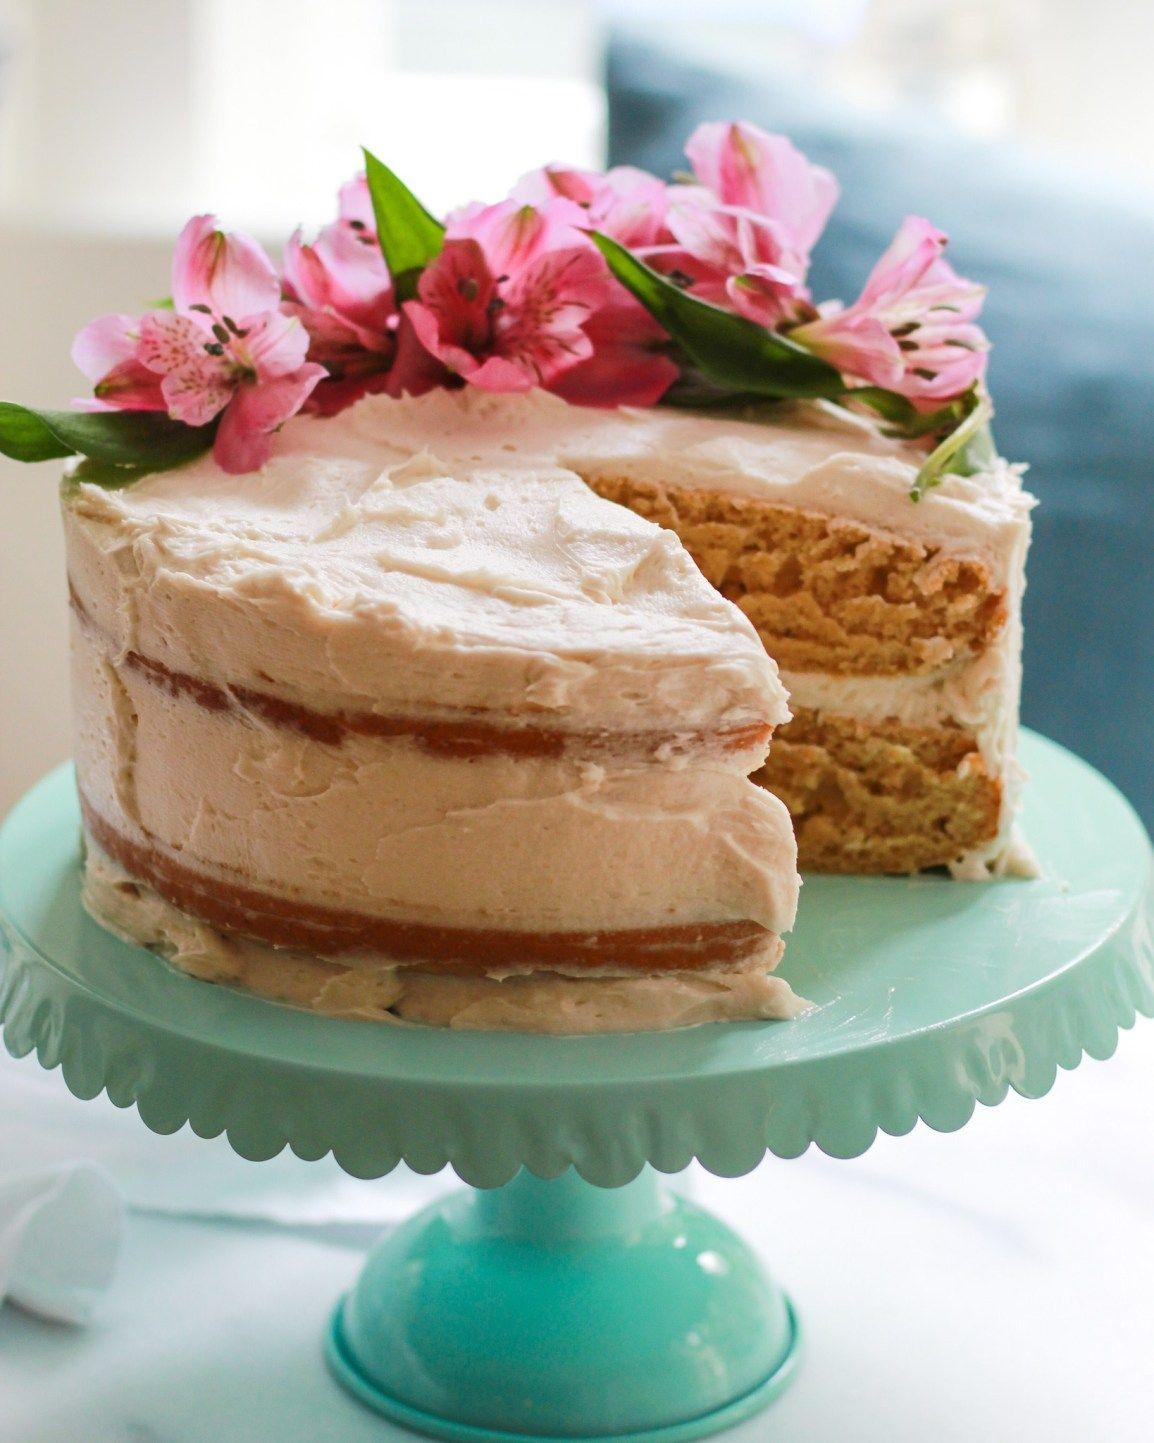 The Best Vegan Vanilla Cake The Banana Diaries Recipe Best Vanilla Cake Recipe Vegan Vanilla Cake Vanilla Cake